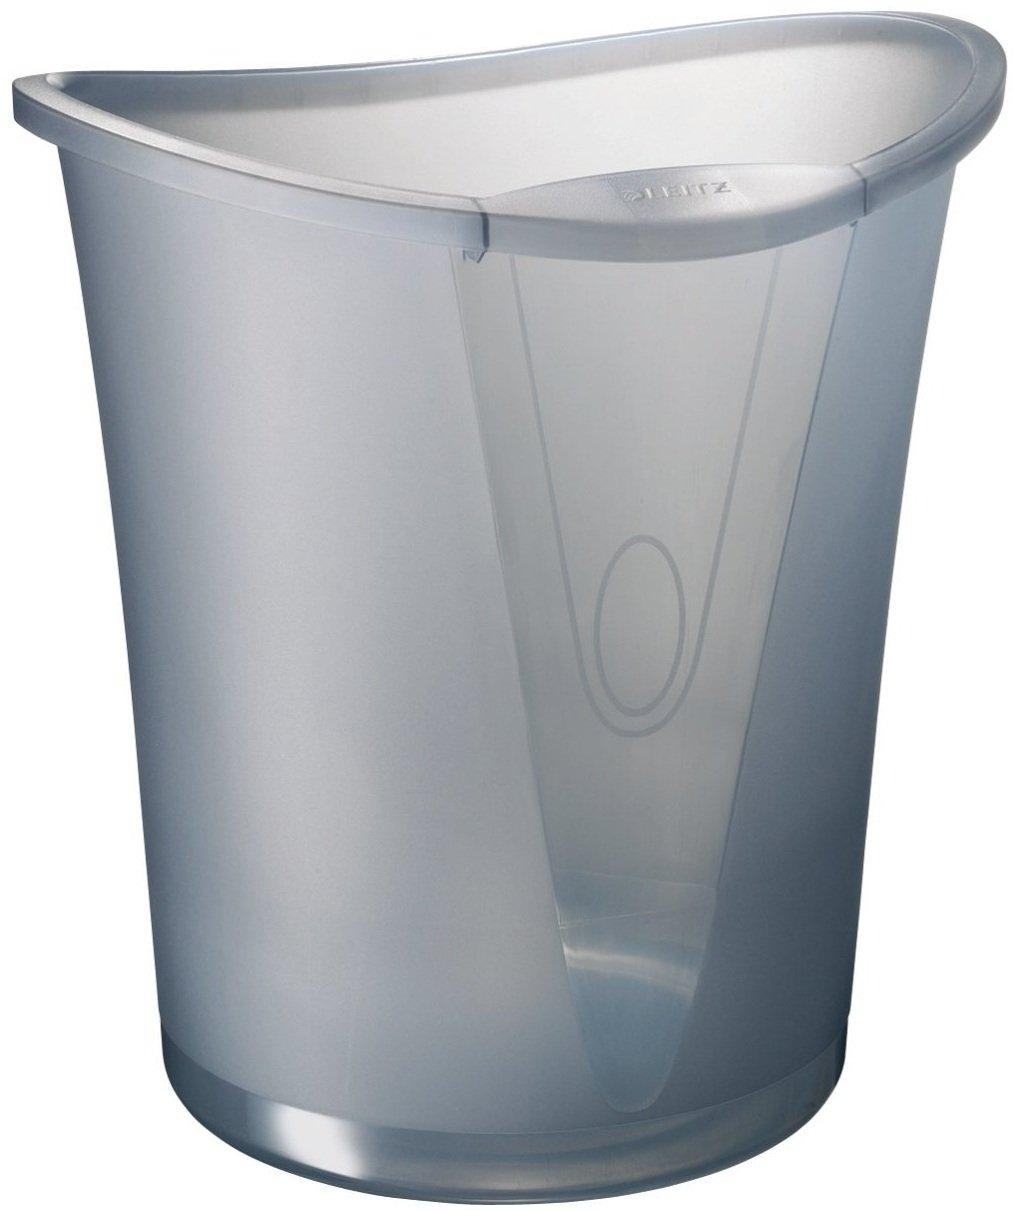 Leitz 52040092 Papierkorb Allura 18 Liter, Polystyrol, rauch transparent günstig online kaufen